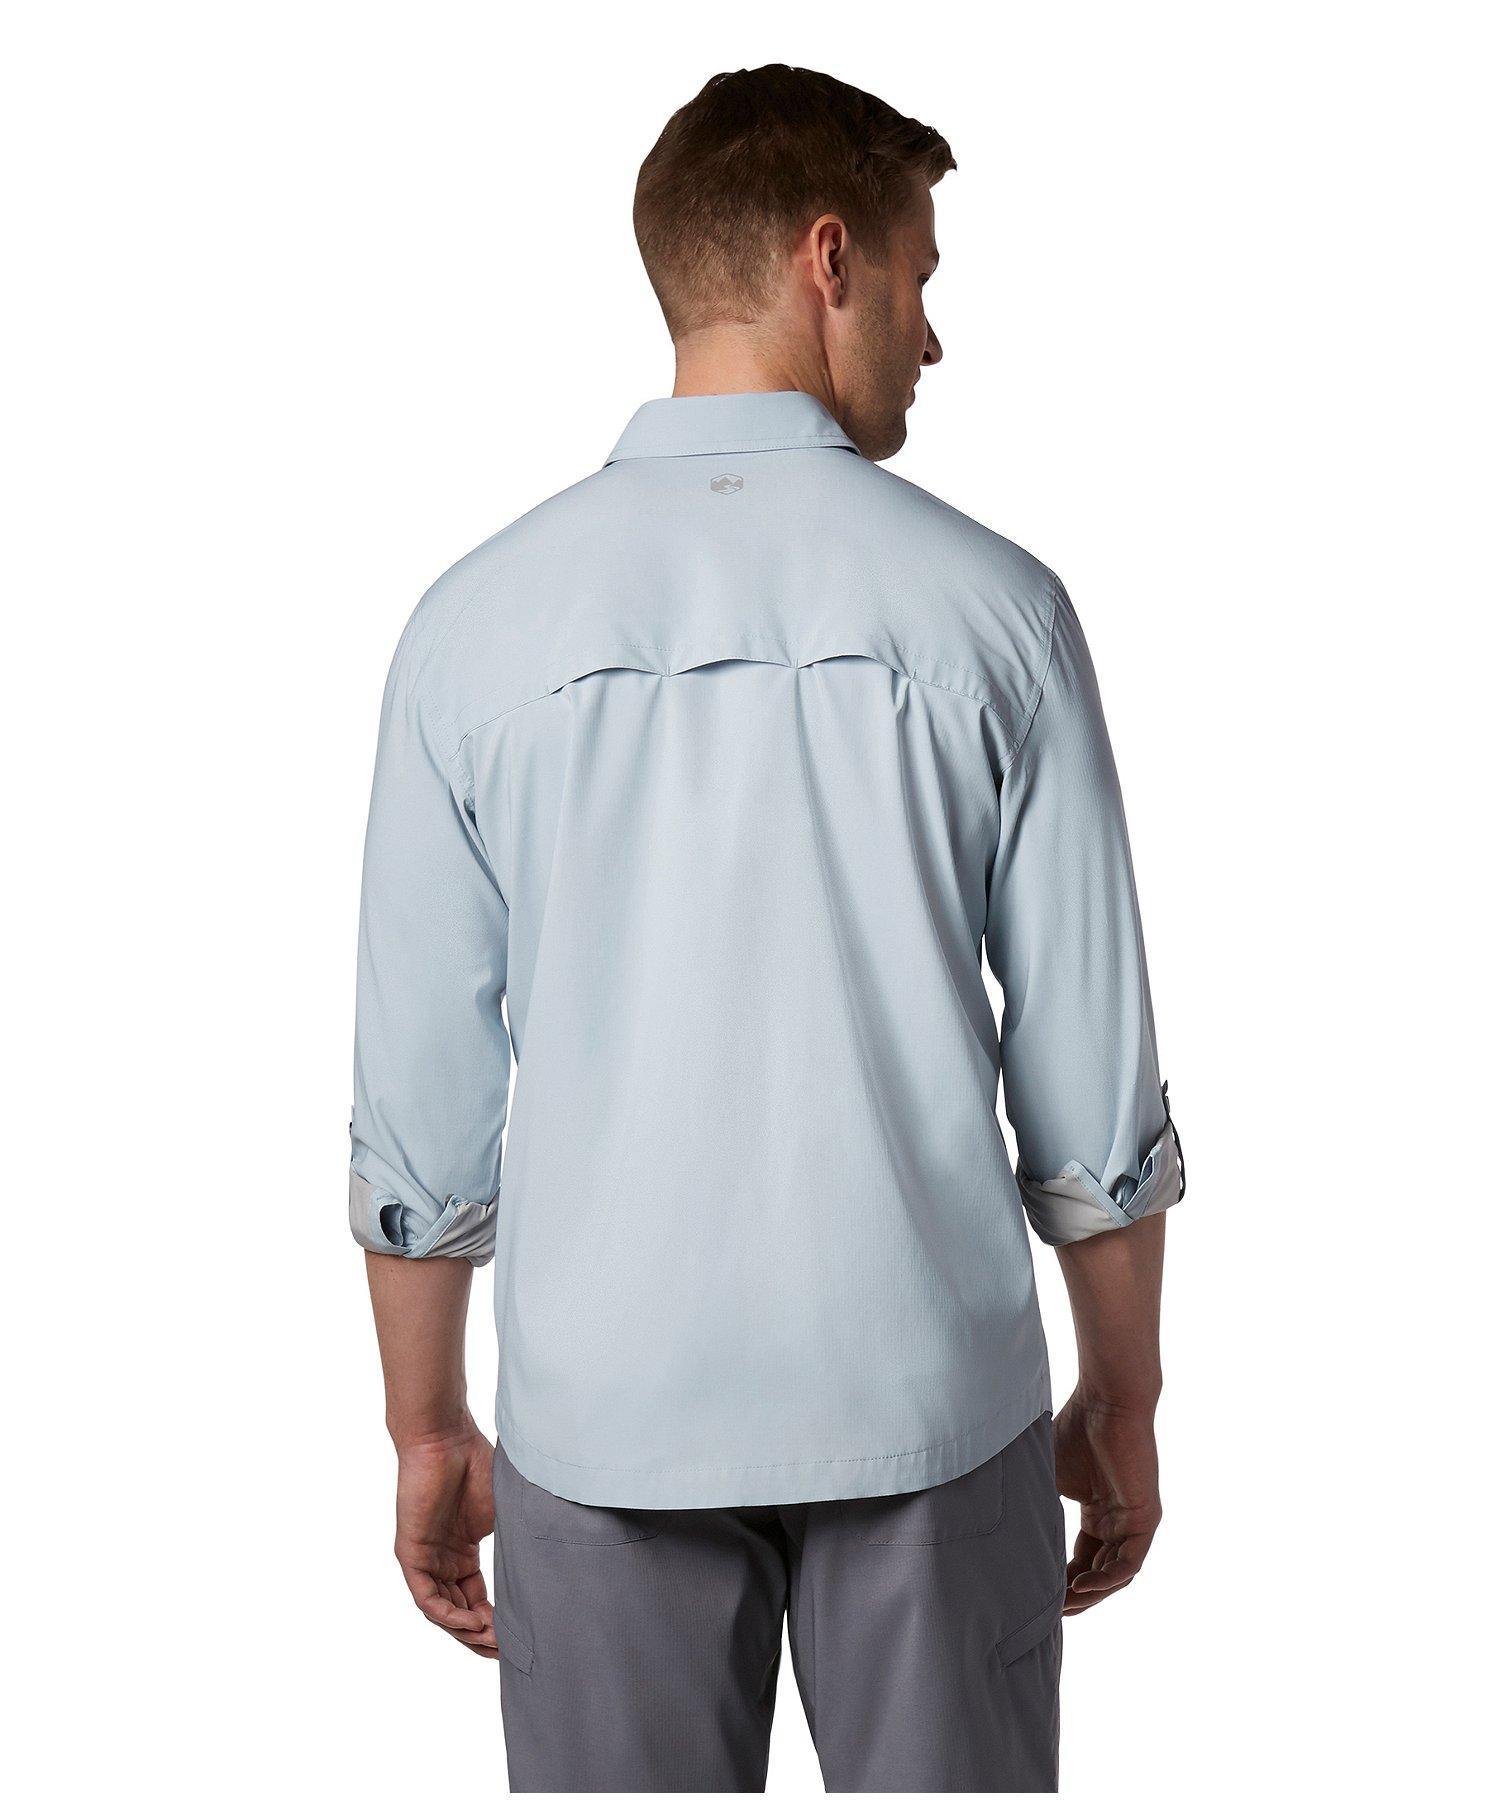 sélectionner pour le dédouanement Braderie matériaux de haute qualité Chemise chasse-moustiques à manches longues, No Fly Zone, pour hommes